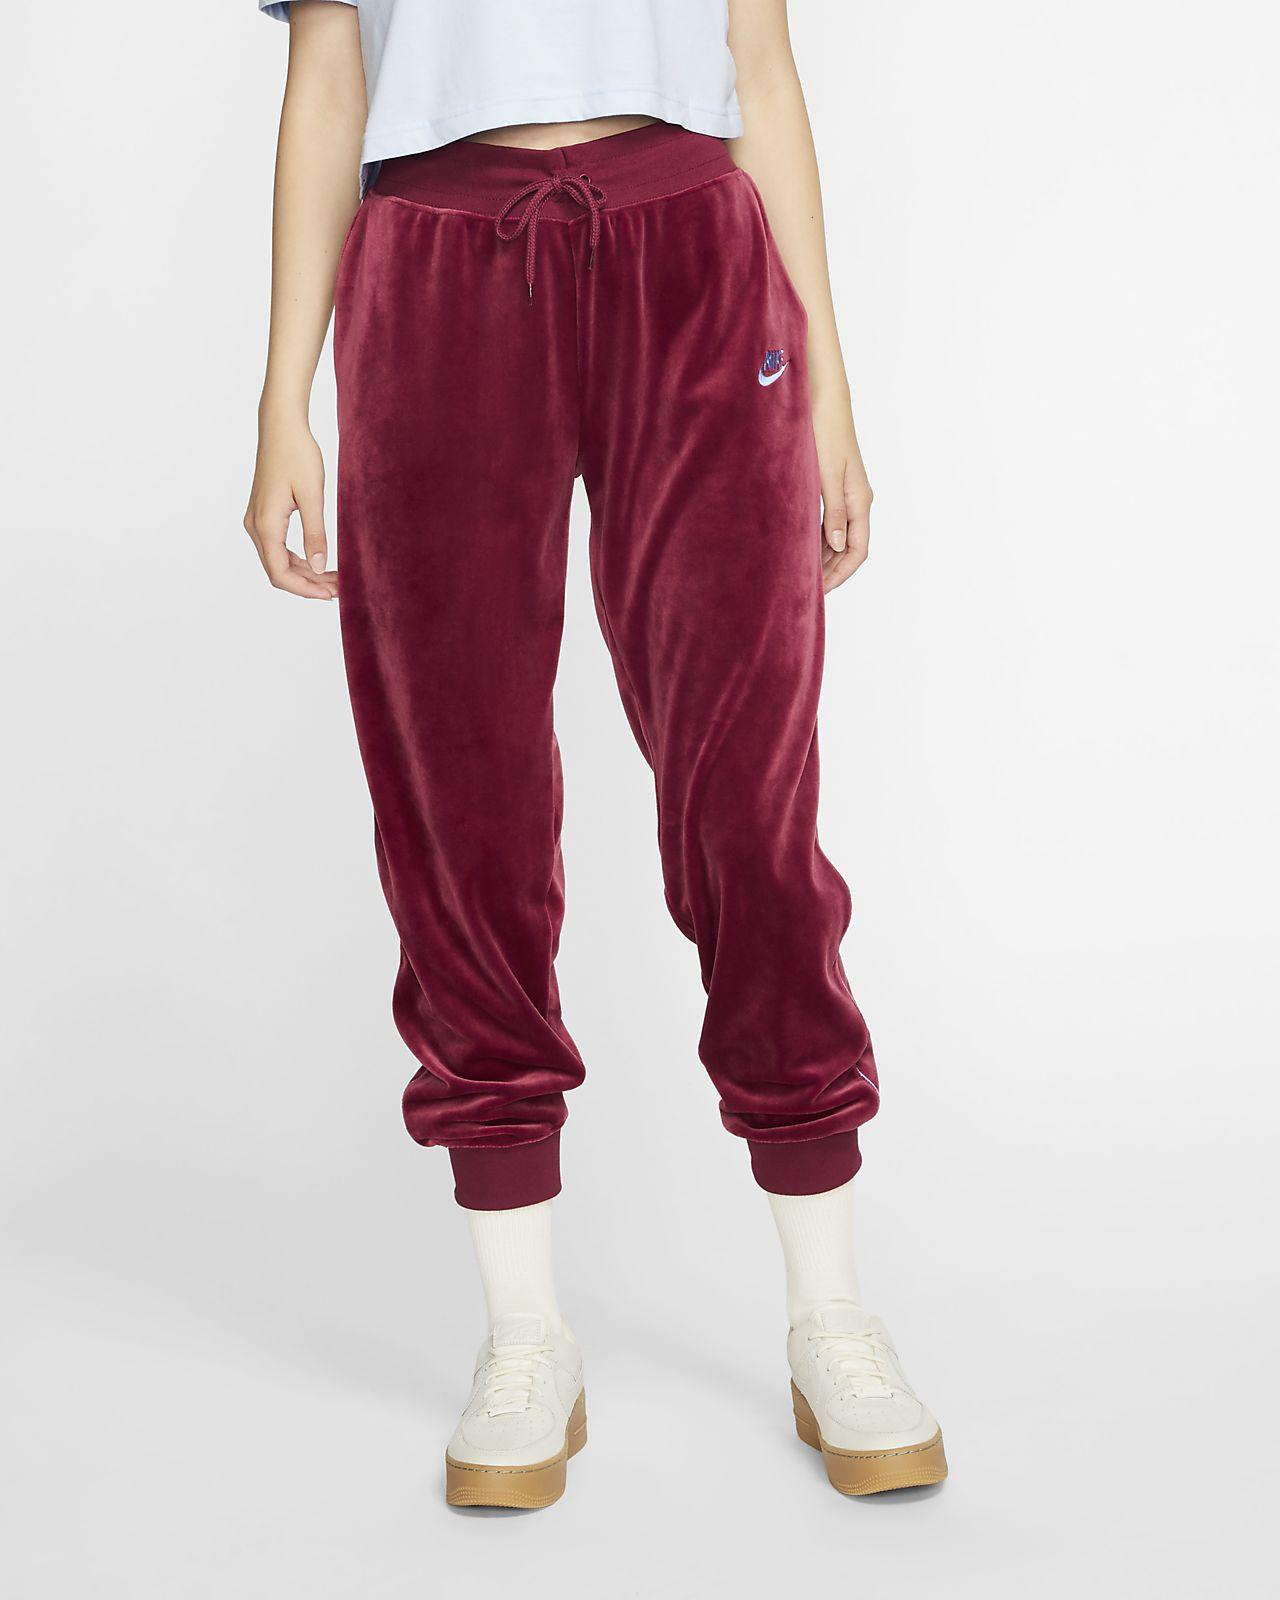 the nike sportswear trousers